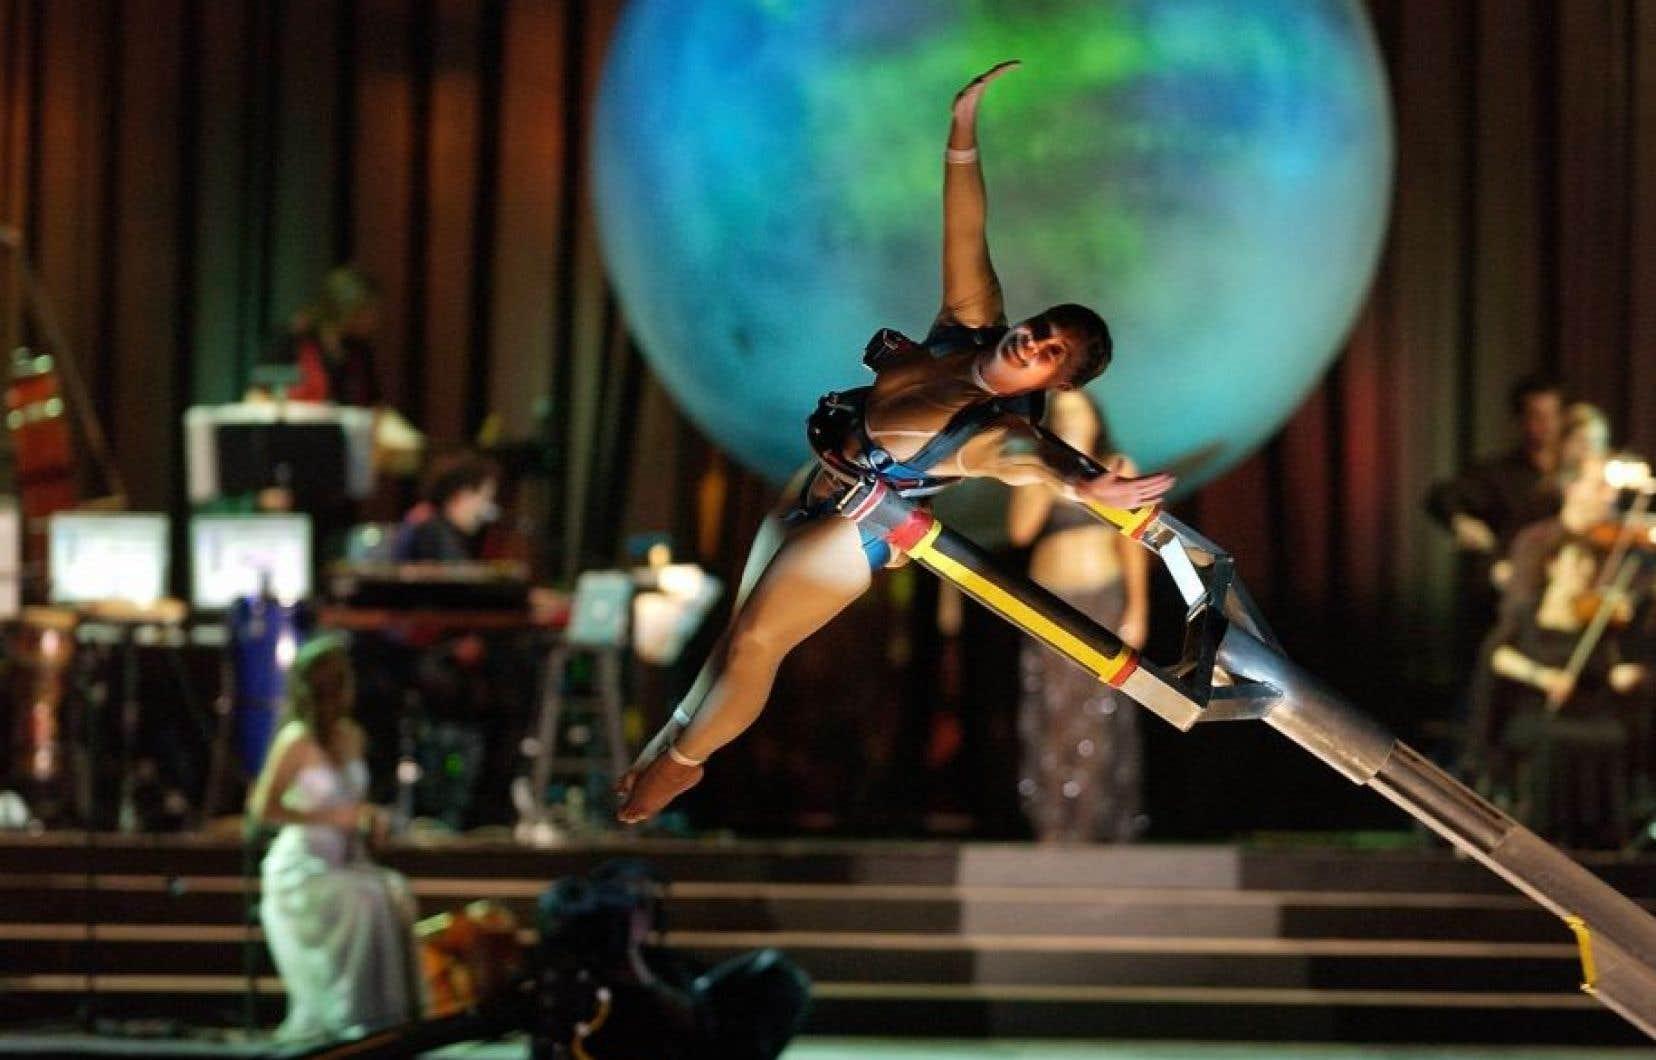 Plus de 70 employés du Cirque du Soleil étaient mobilisés pour les spectacles programmés.